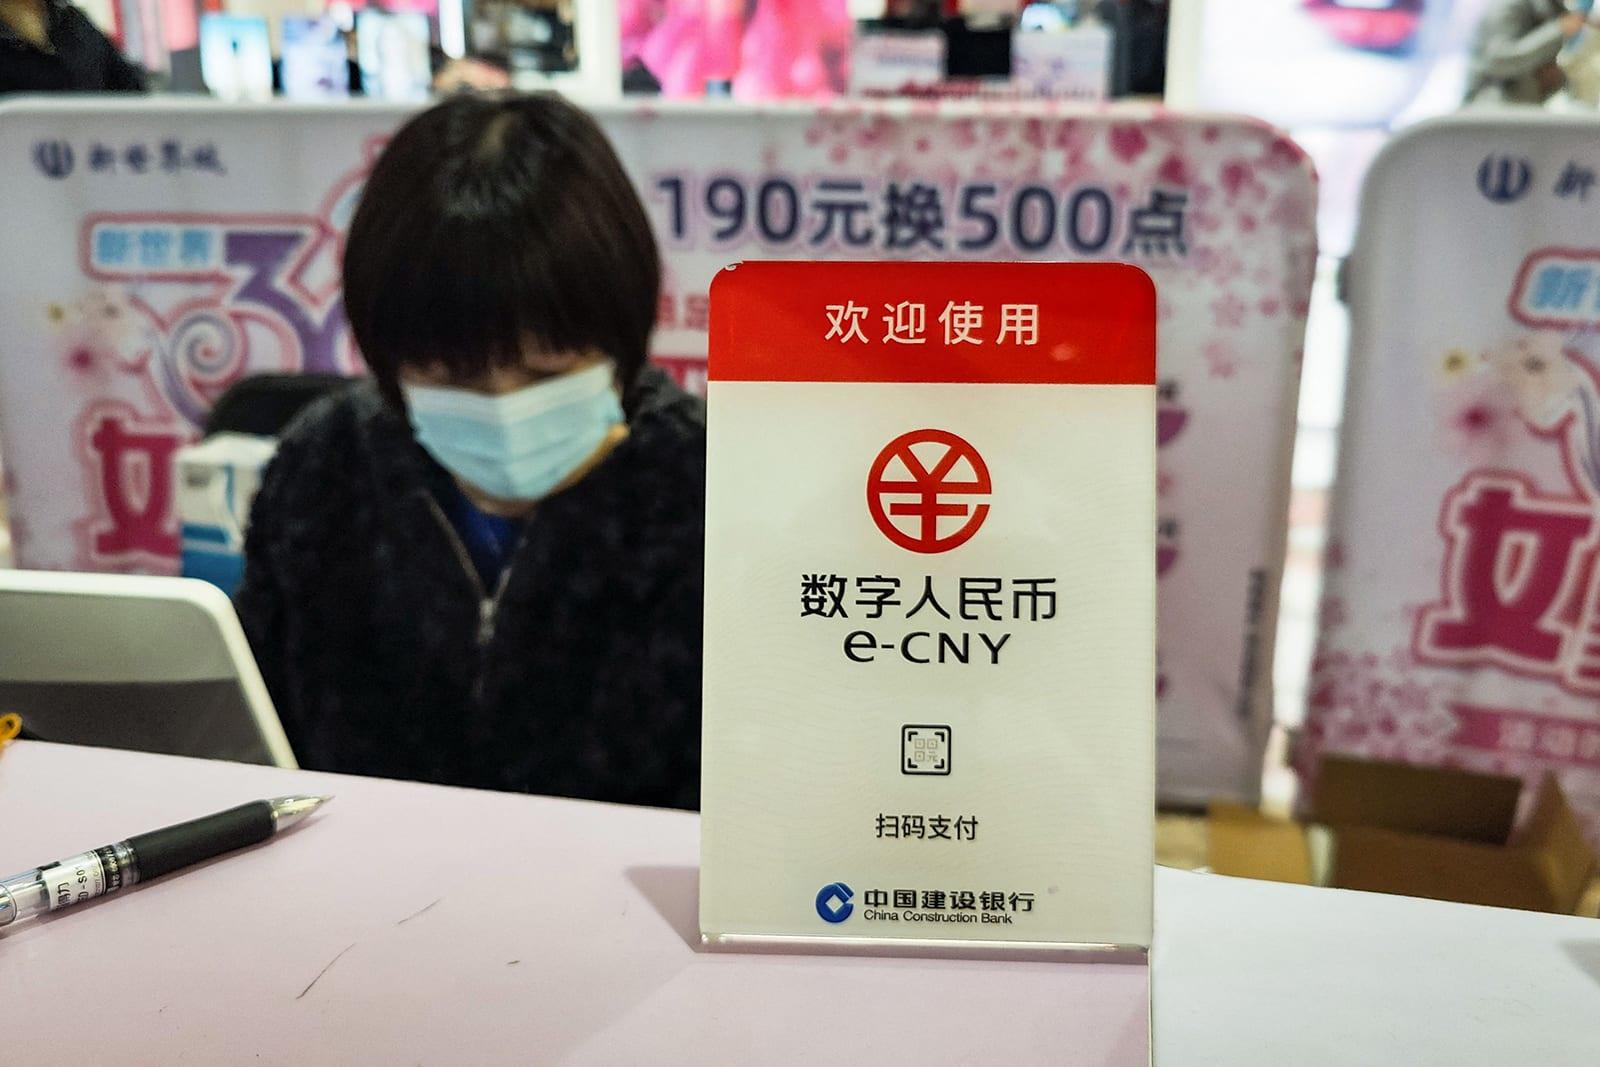 الصين قد تتيح استخدام اليوان الرقمي للرياضيين والزوار في أولمبياد بكين